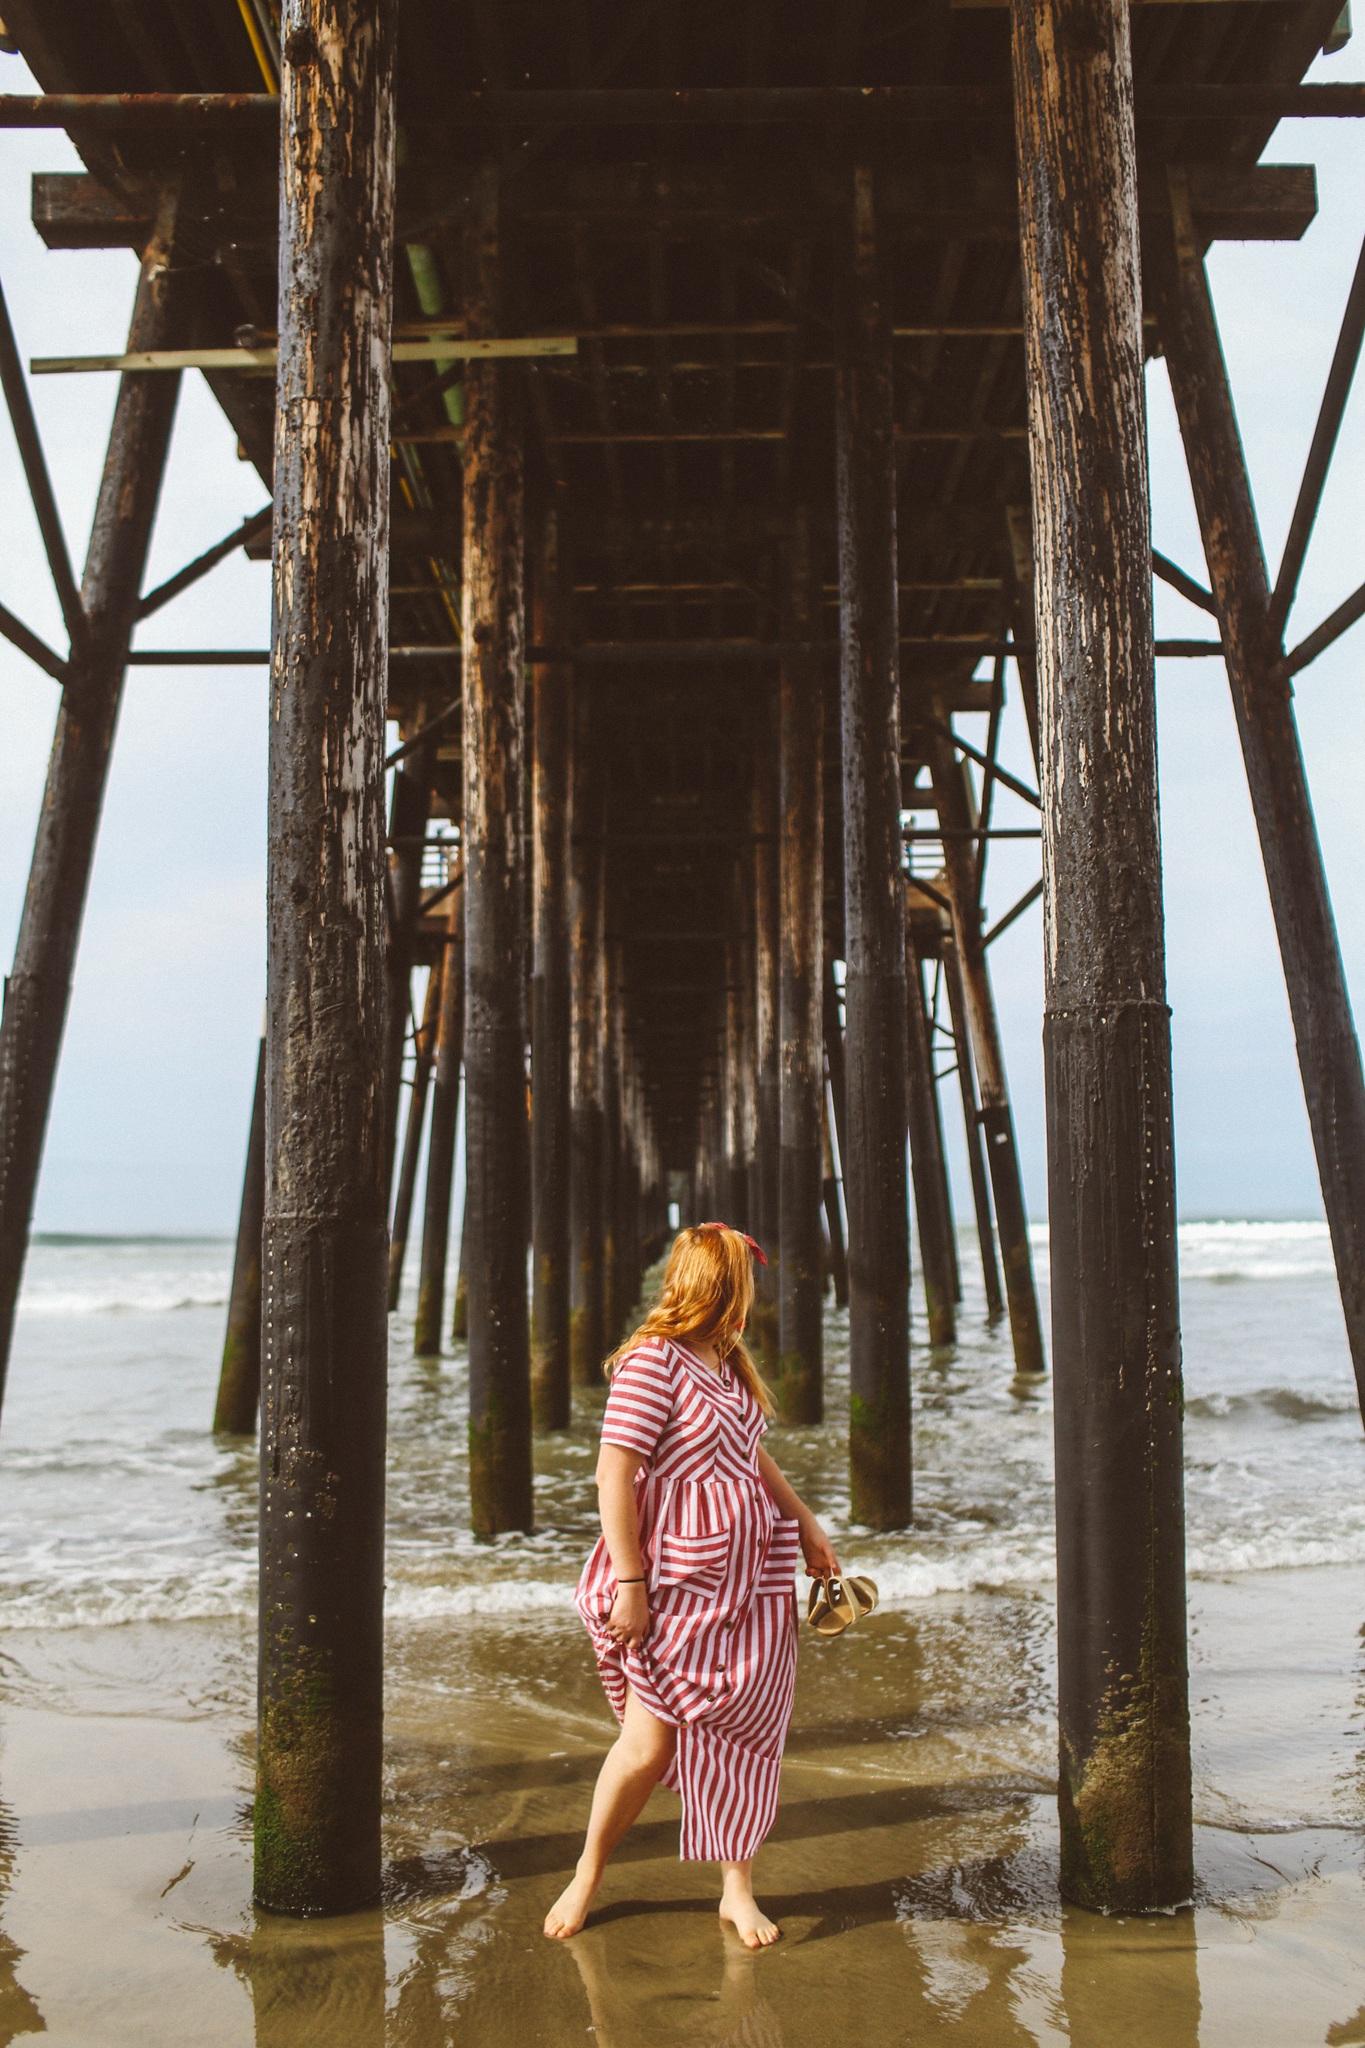 Walking on the beach underneath a pier in Oceanside, Ca